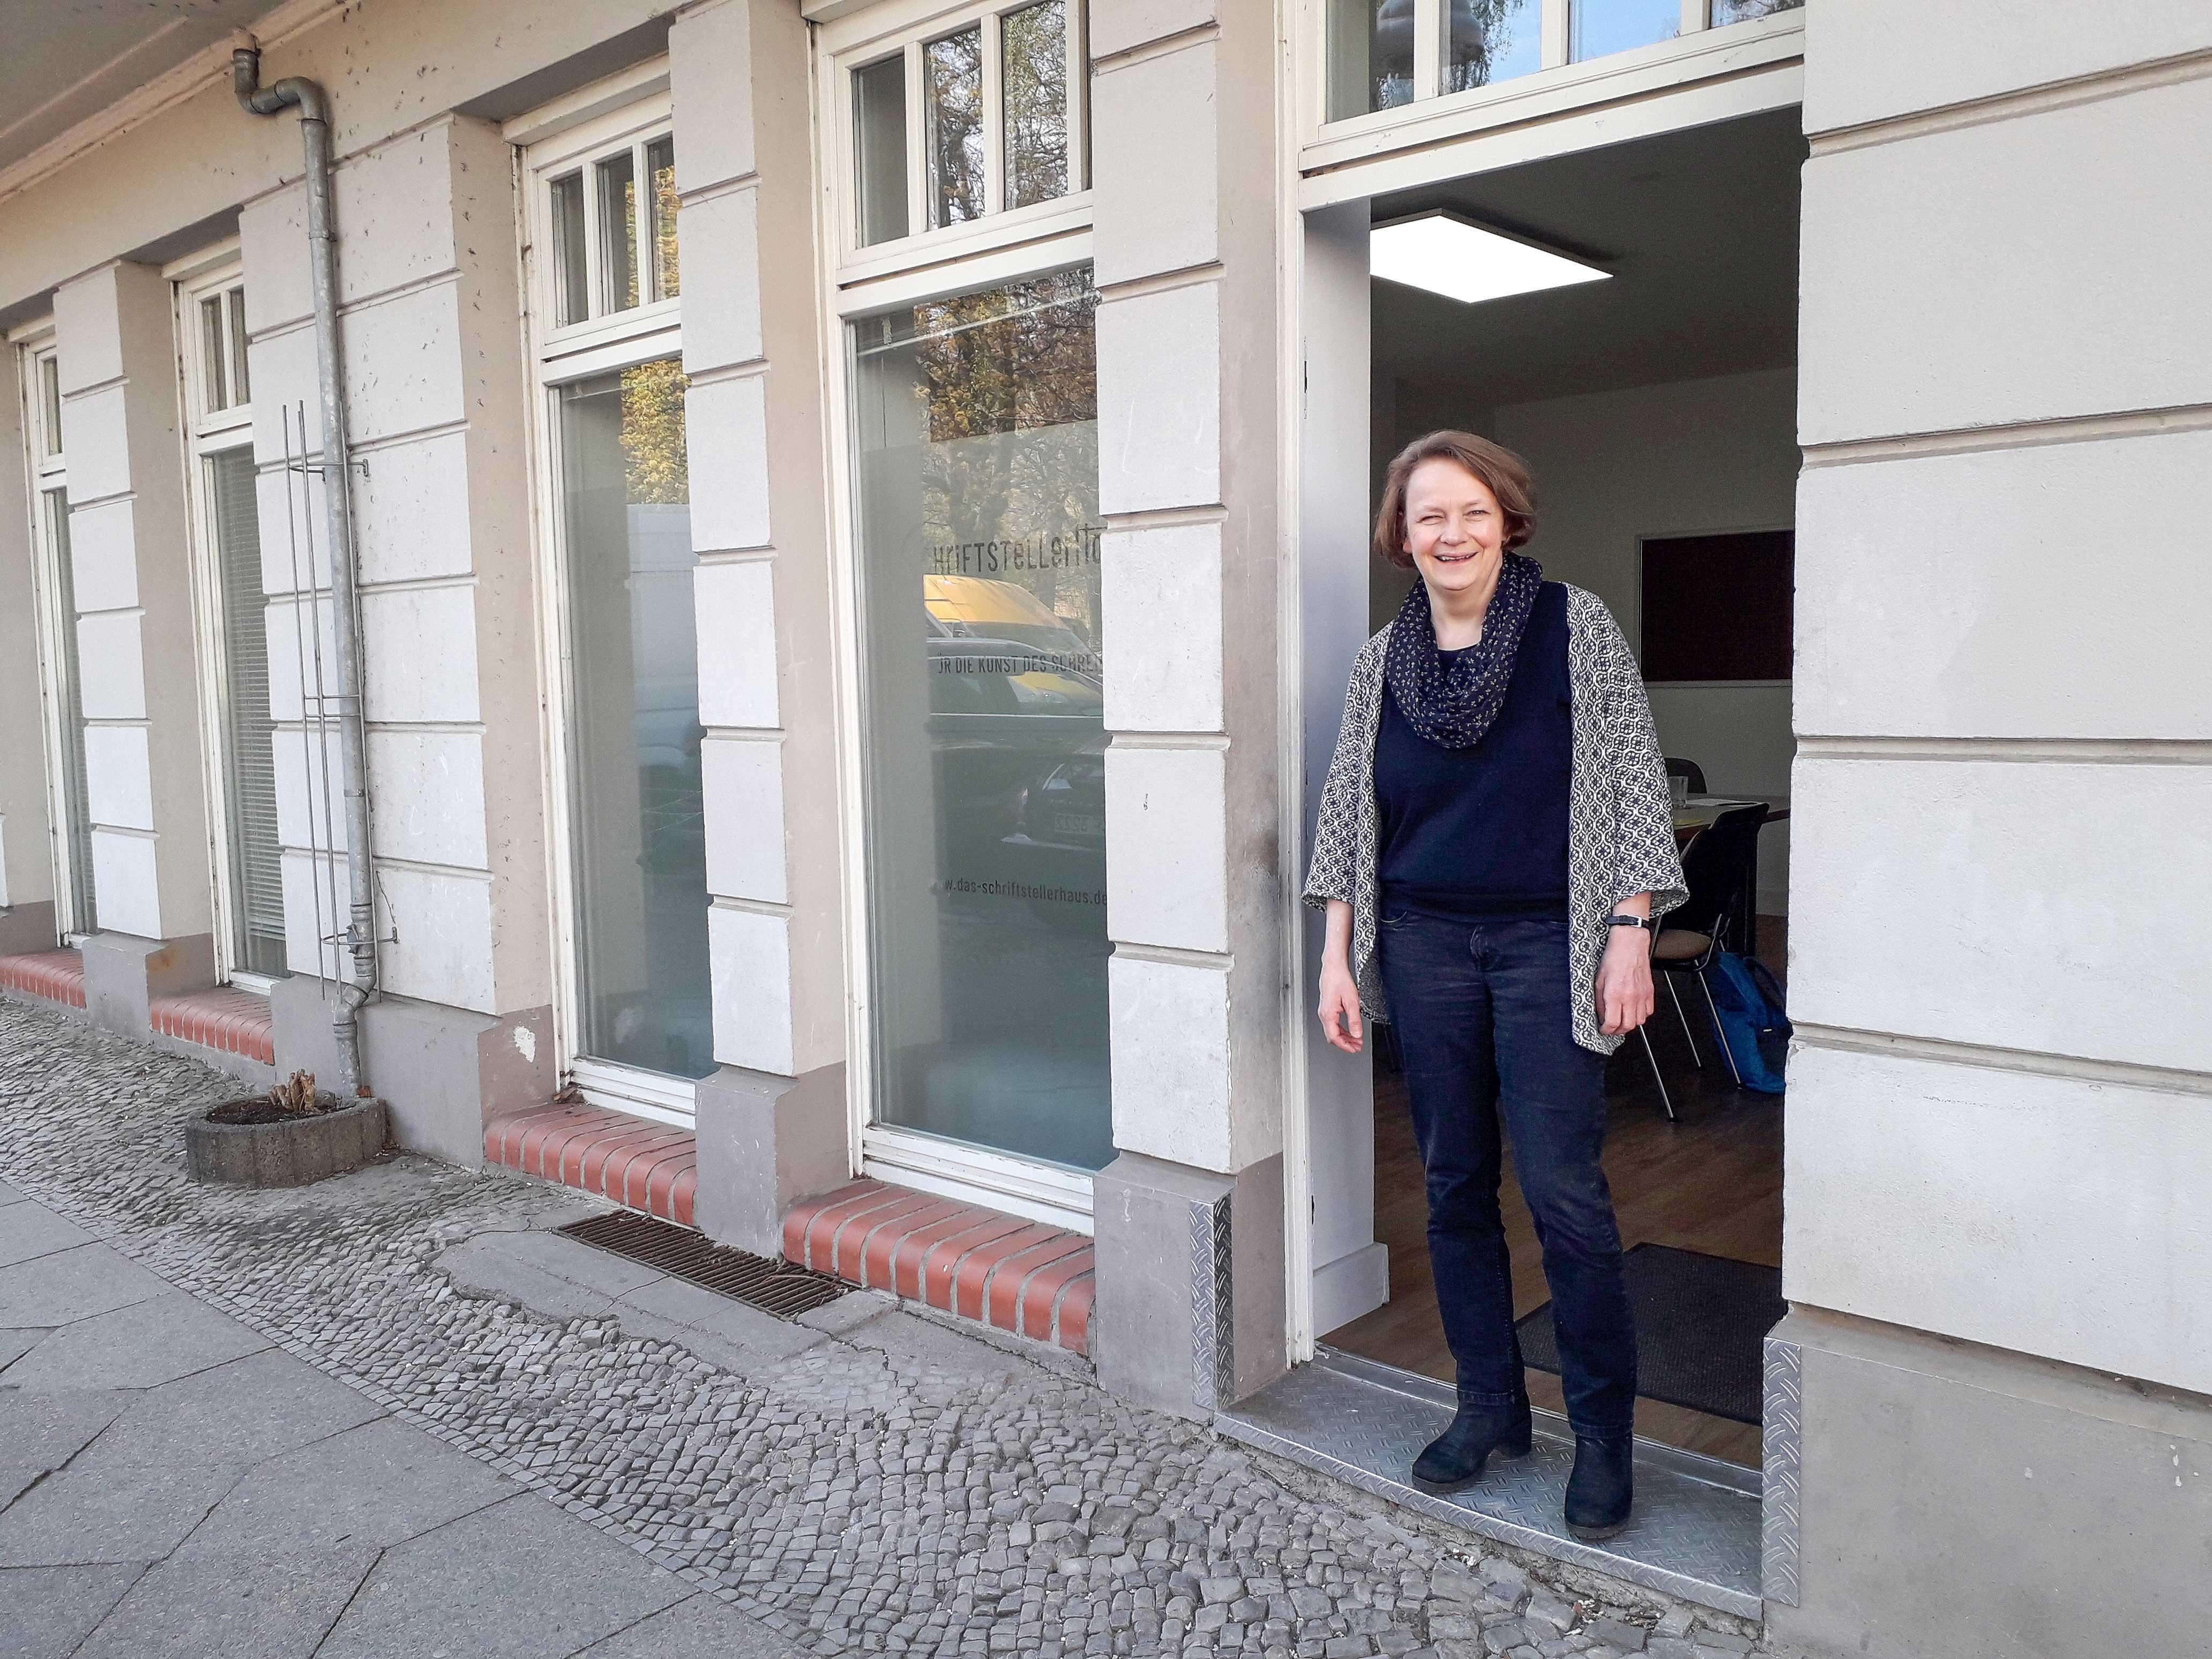 """Hereinspaziert! Ingrid Kaech sagt: """"Willkommen im Schriftstellerhaus/phase1!"""""""